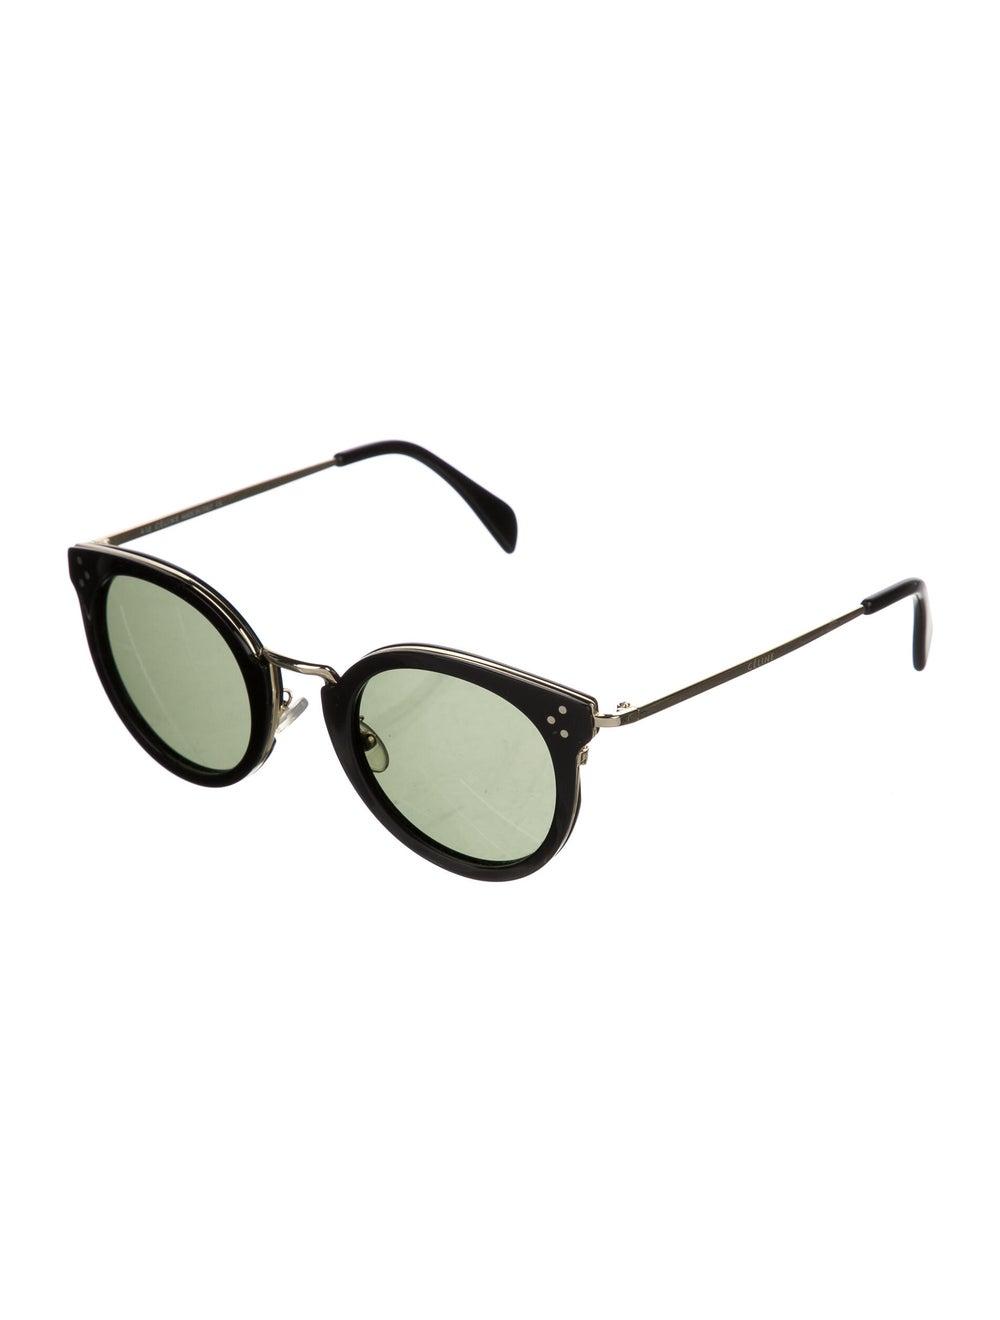 Celine Round Tinted Sunglasses Black - image 2